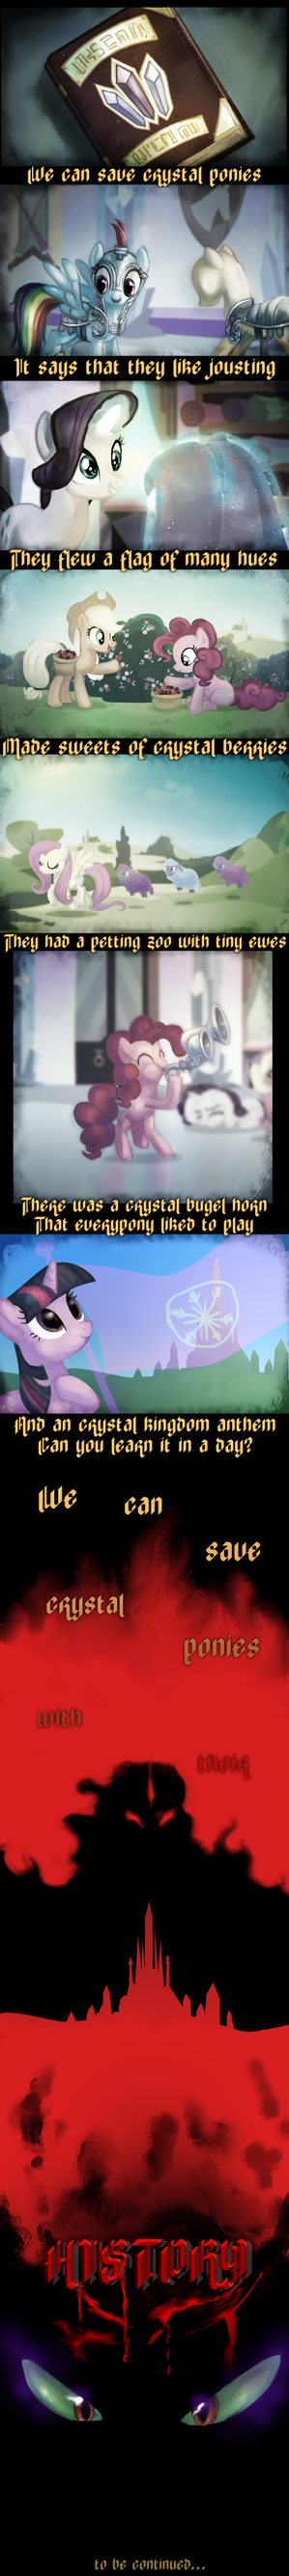 Save Crystal Ponies by ElkaArt